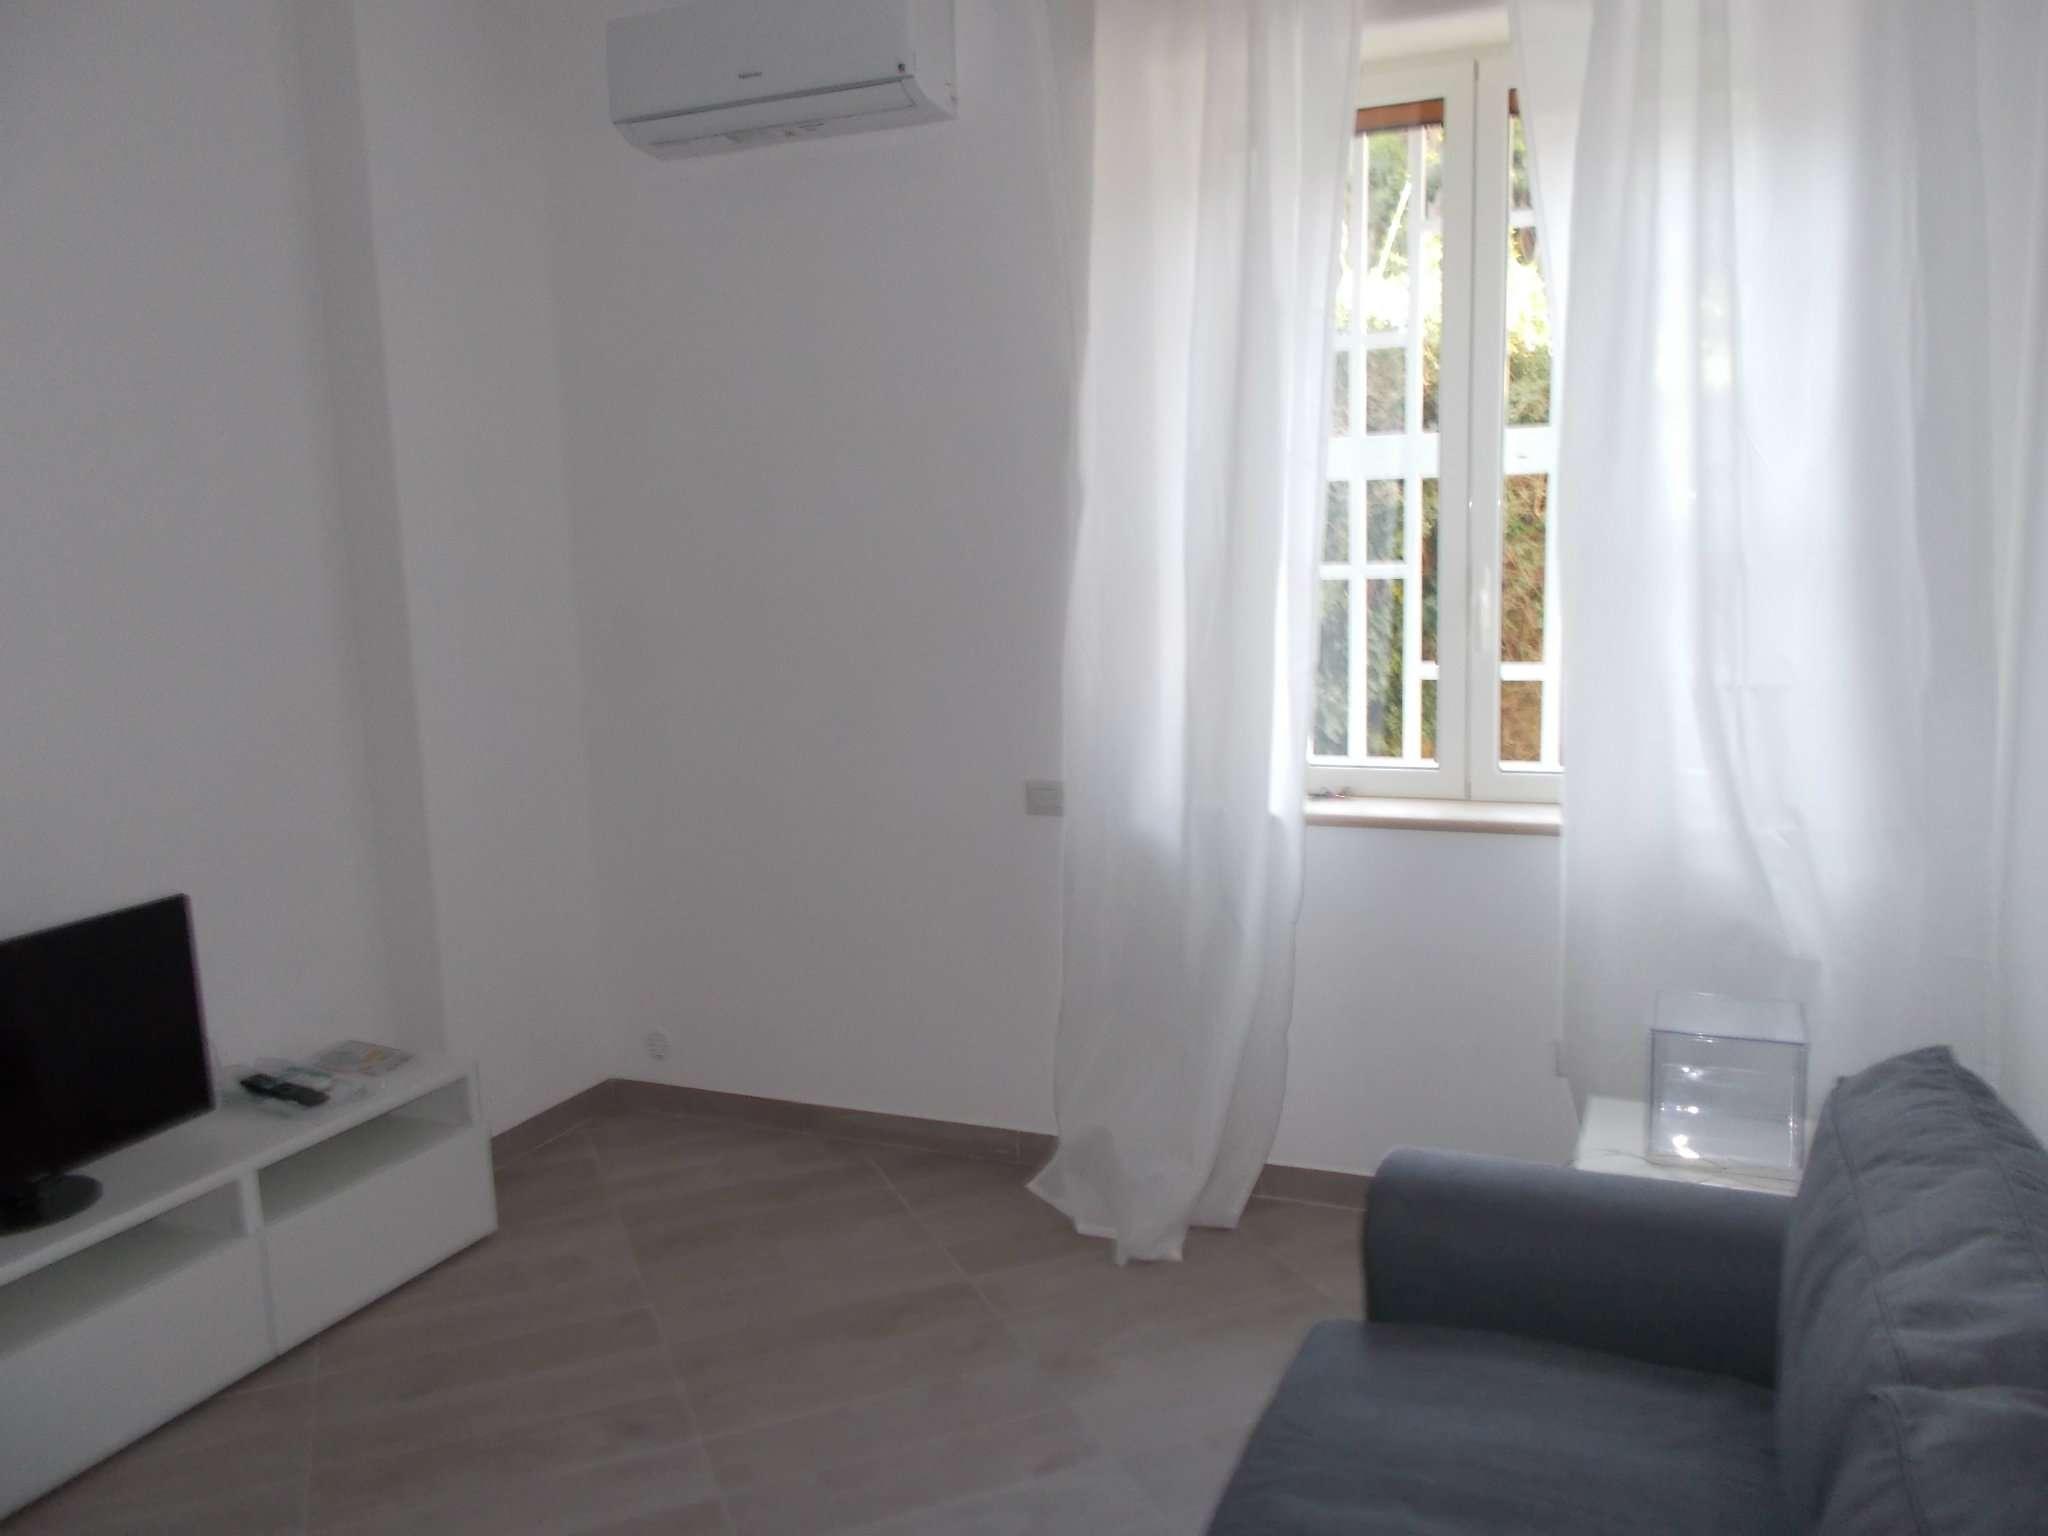 Appartamento in affitto a Napoli, 1 locali, zona Zona: 1 . Chiaia, Posillipo, San Ferdinando, prezzo € 600 | CambioCasa.it